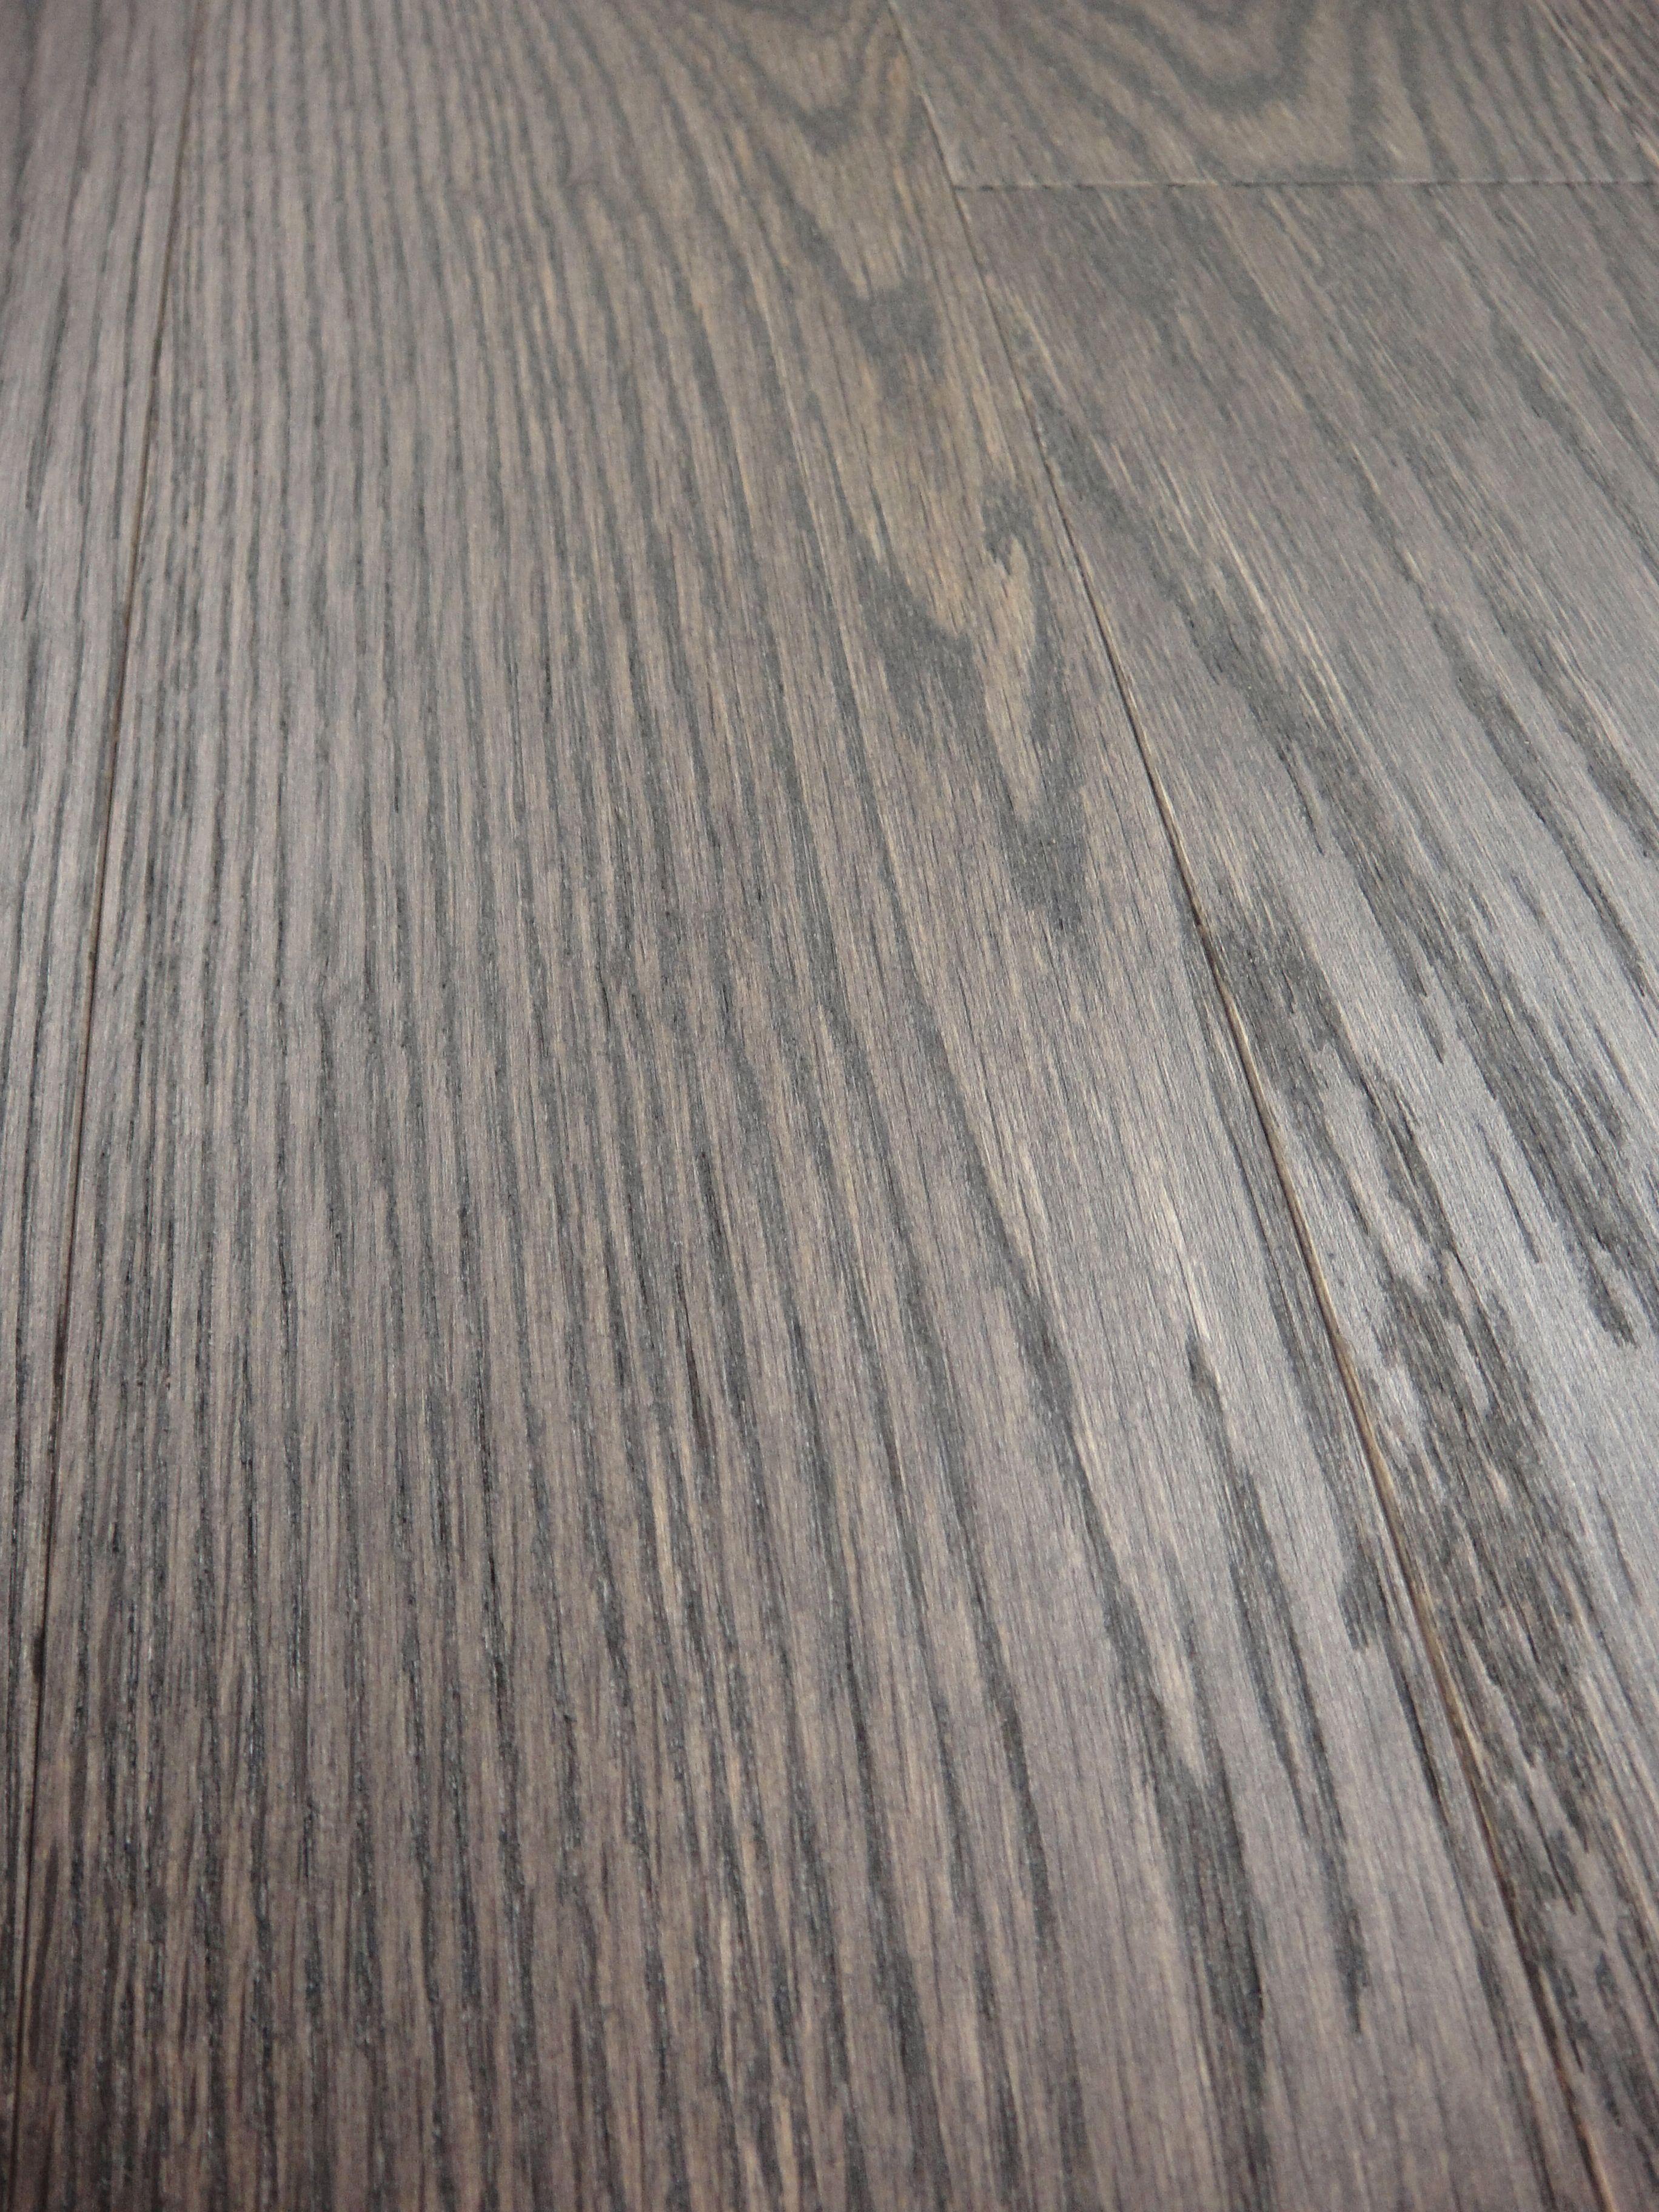 Vintage Hardwood Flooring Red Oak Heritage Wire Brushed Pewter Oil Interior Design Images